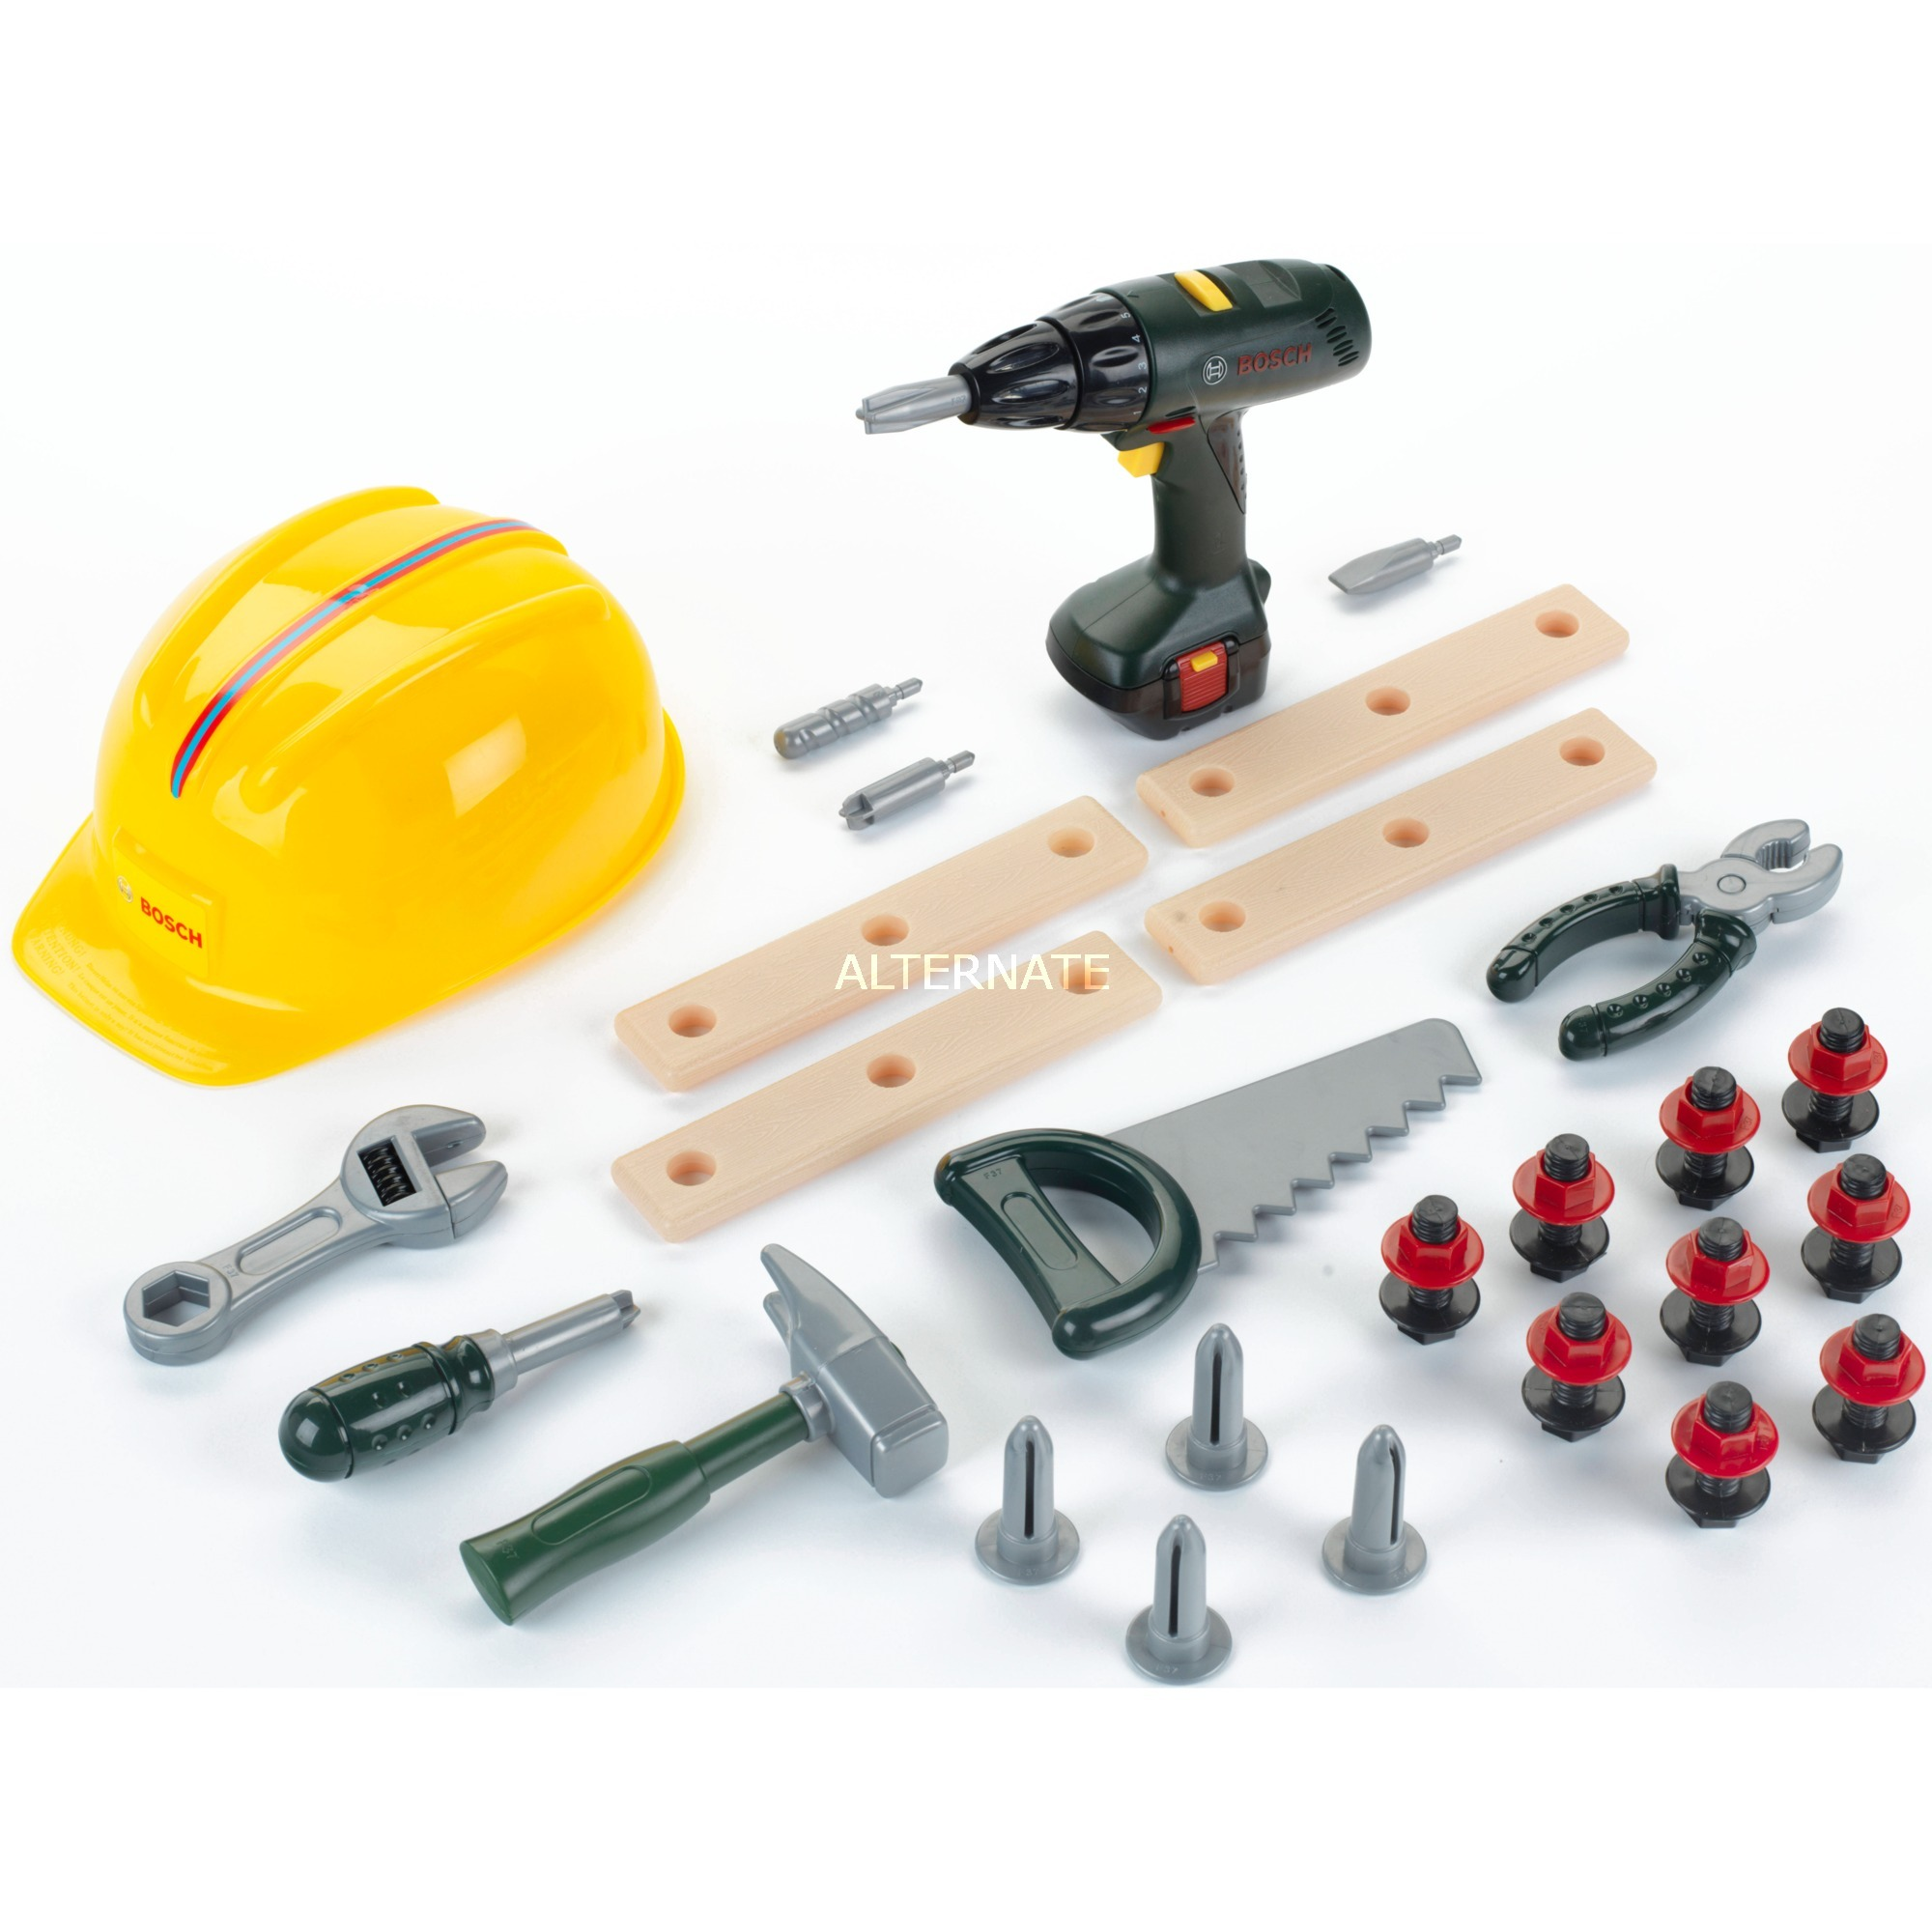 Jeu d'imitation - Grand set outils Bosch avec visseuse et casque de travail, Outils pour enfants